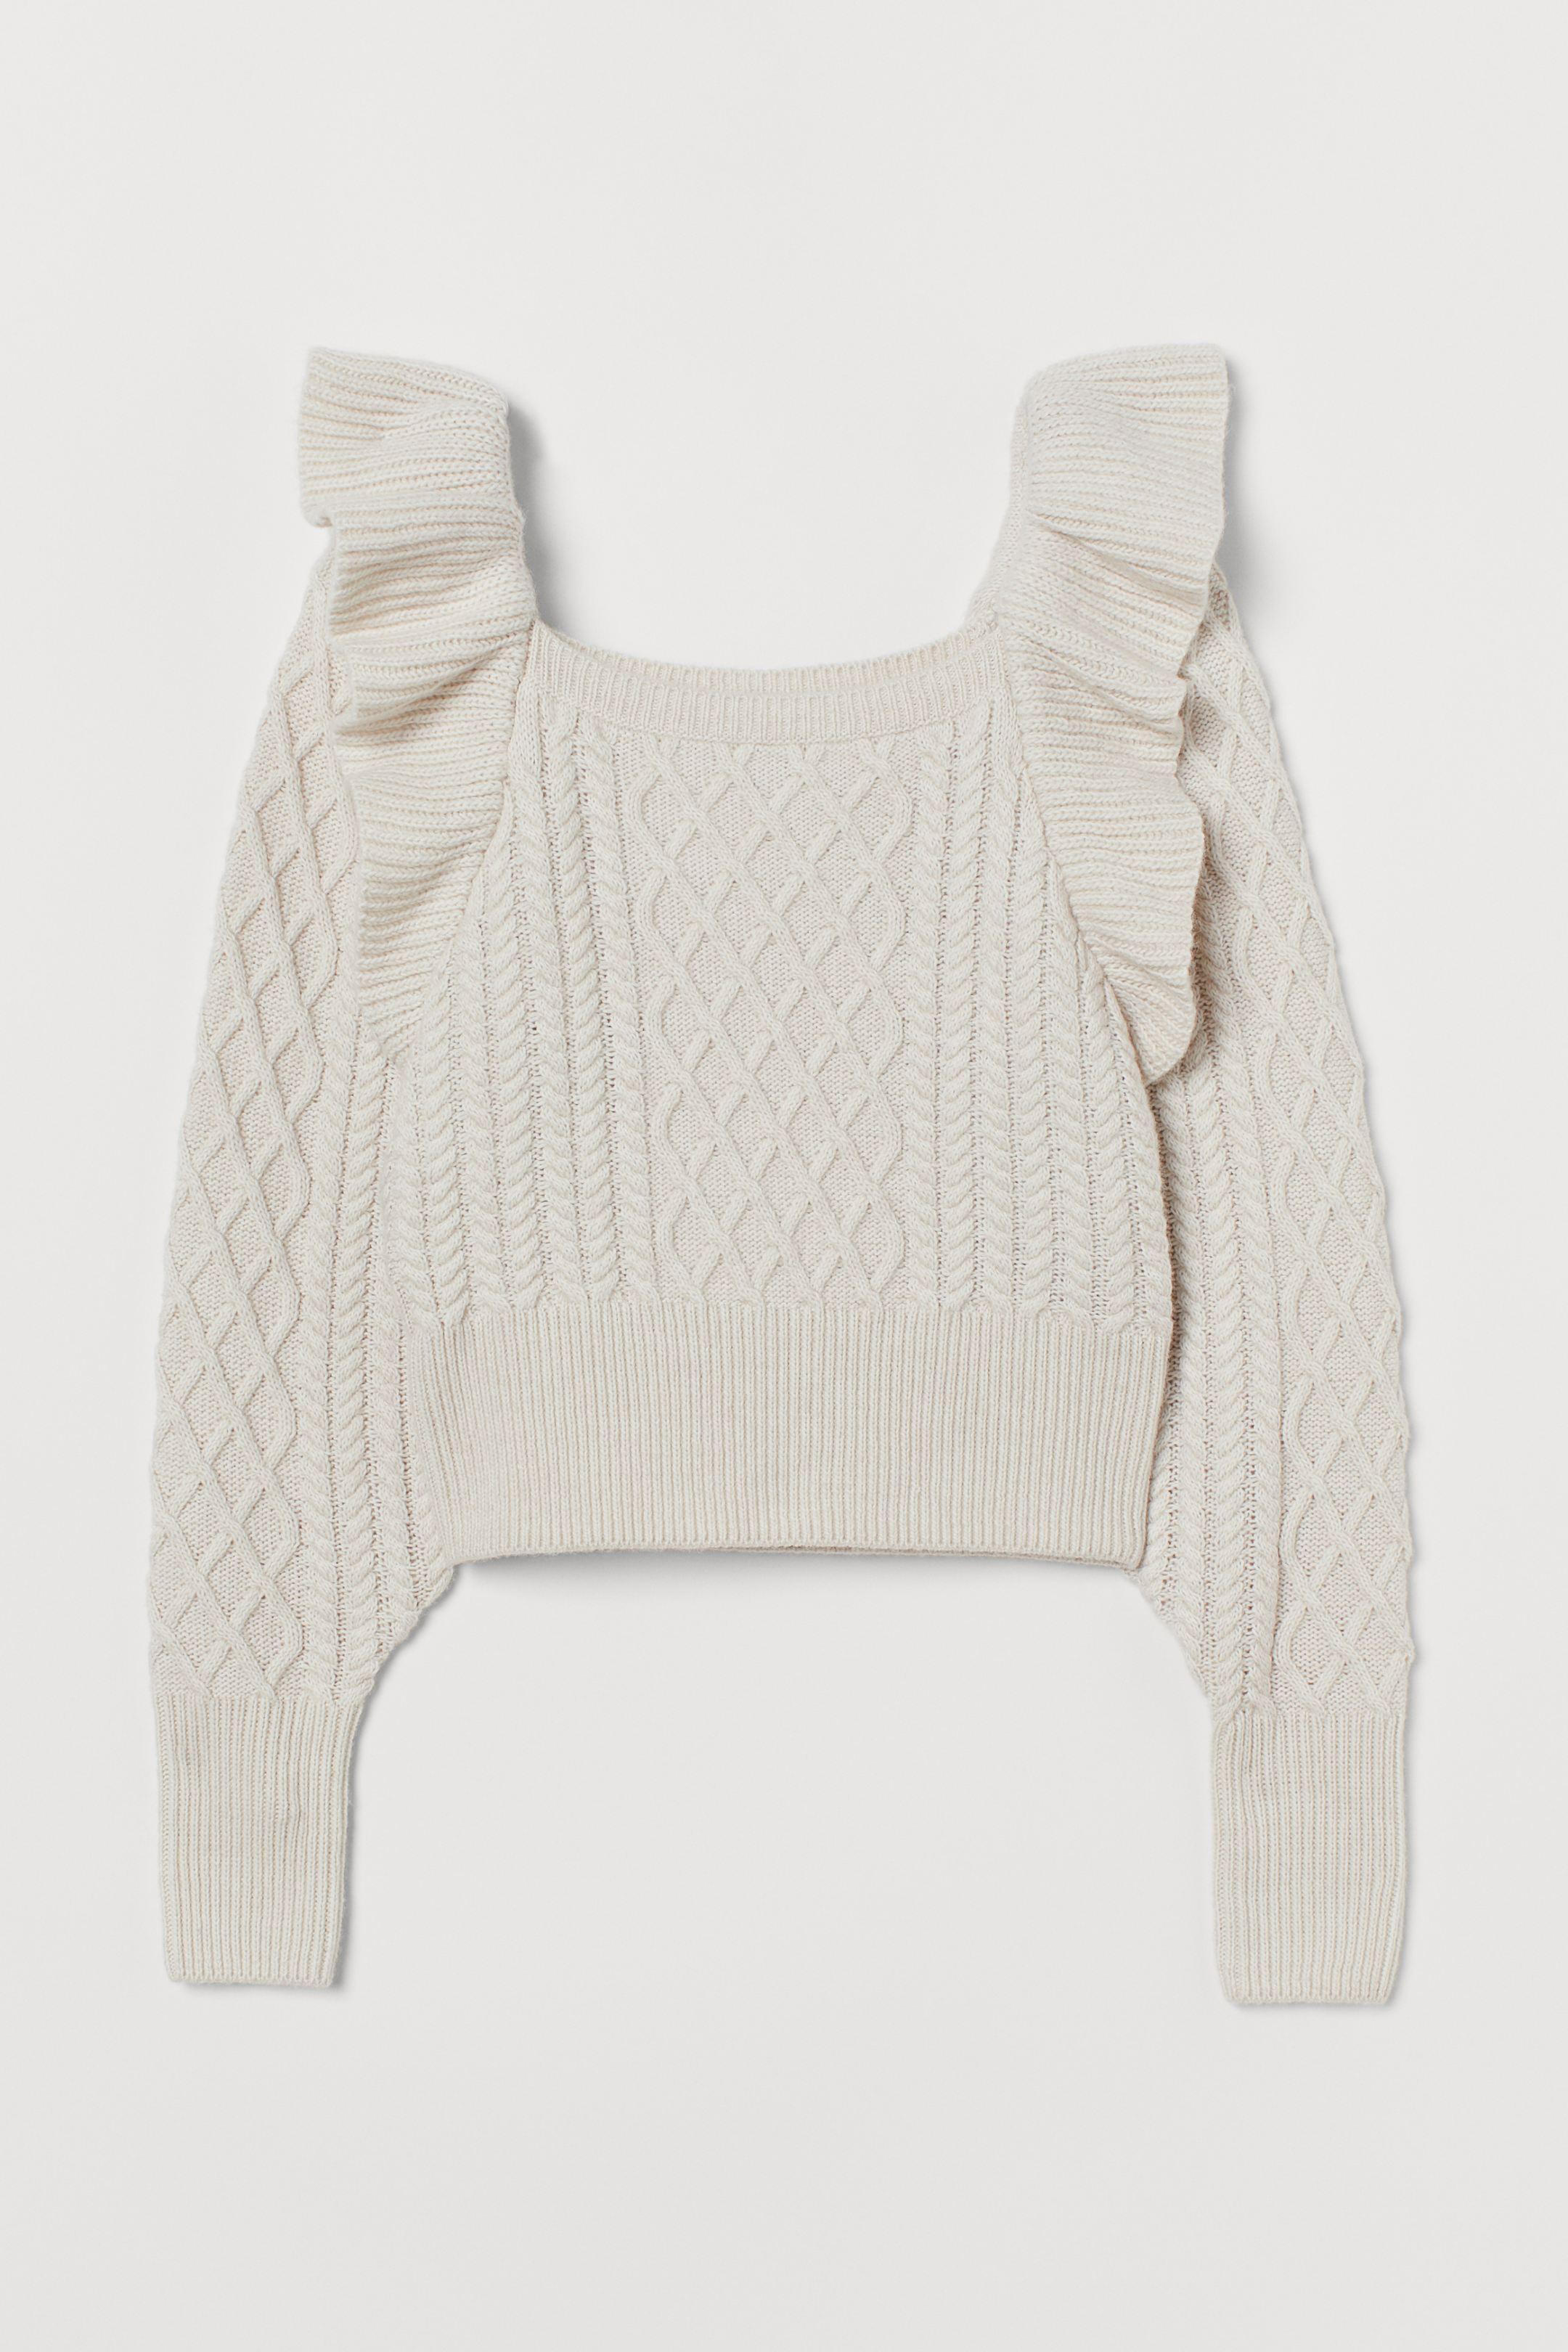 Jersey en punto trenzado suave con lana en la trama. Modelo con escote cuadrado, volante ancho de encaje en los hombros y mangas amplias. Puños y bajo en punto de canalé. Confeccionado con poliéster reciclado.